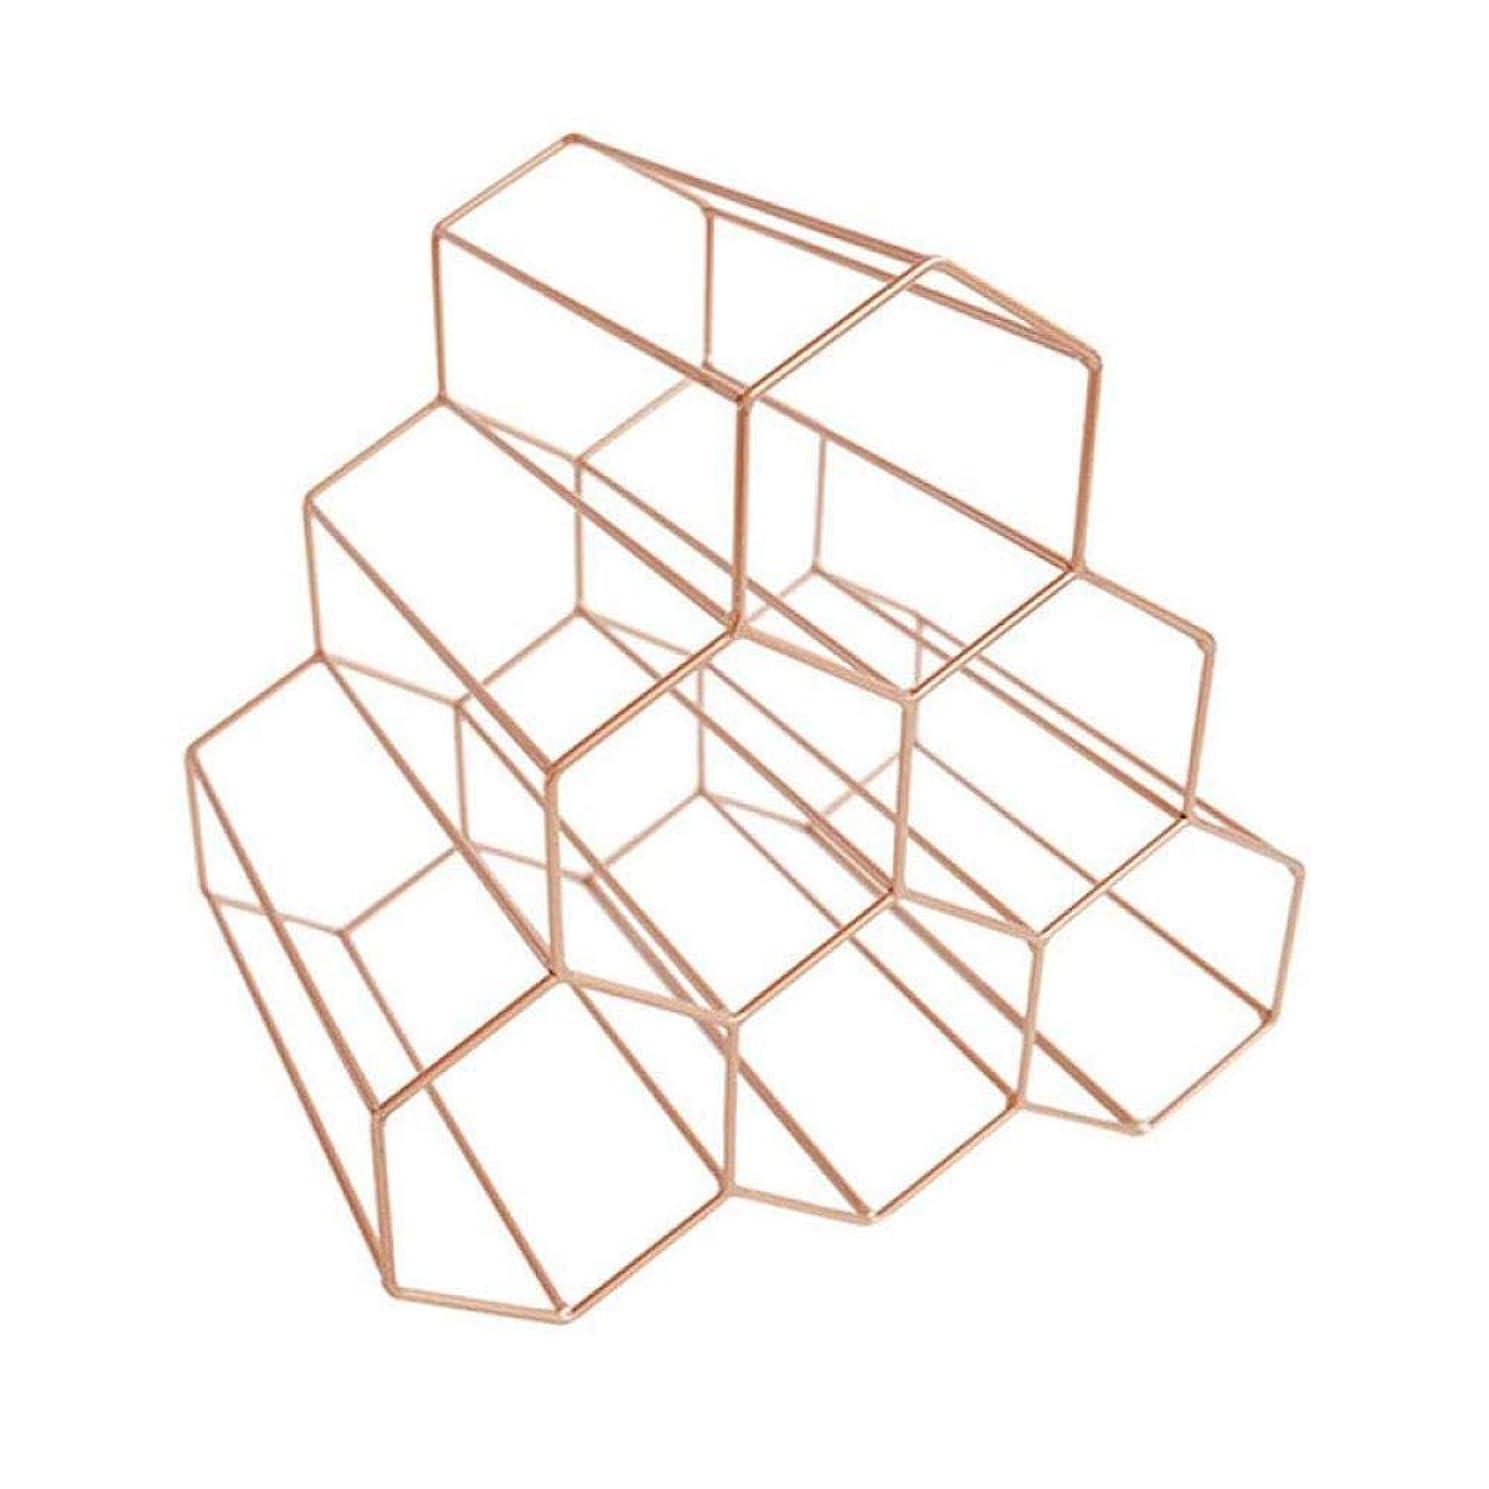 指定にもかかわらず追い付く幾何学的なワインラック金属ミニマリストホームブドウラックダイニングルームリビングルームバーワインキャビネット